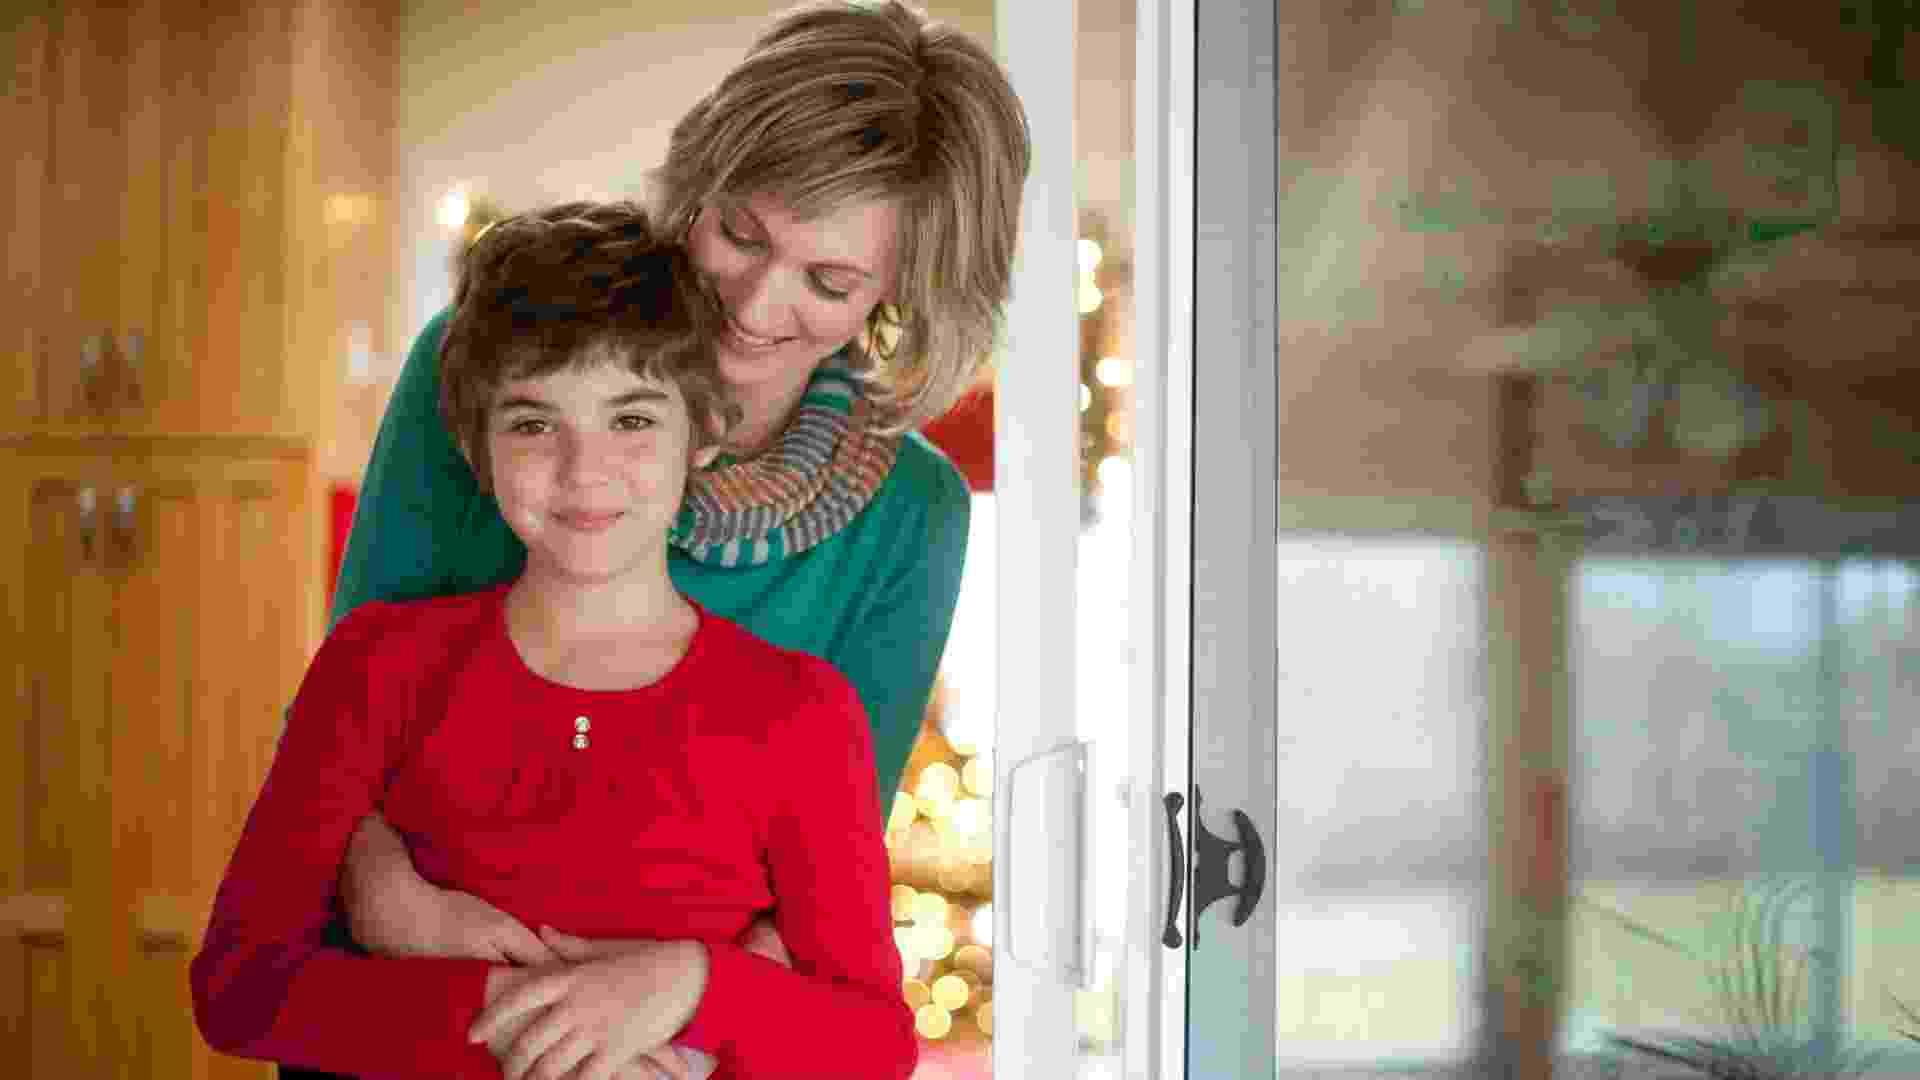 10.dez.2012 - Emma Whitehead, de 7 anos, teve remissão total da leucemia por messes depois de cientistas usarem vírus do HIV deficiente para reprogramar seu sistema imunológico para matar as células de câncer - Jeff Swensen/The New York Times